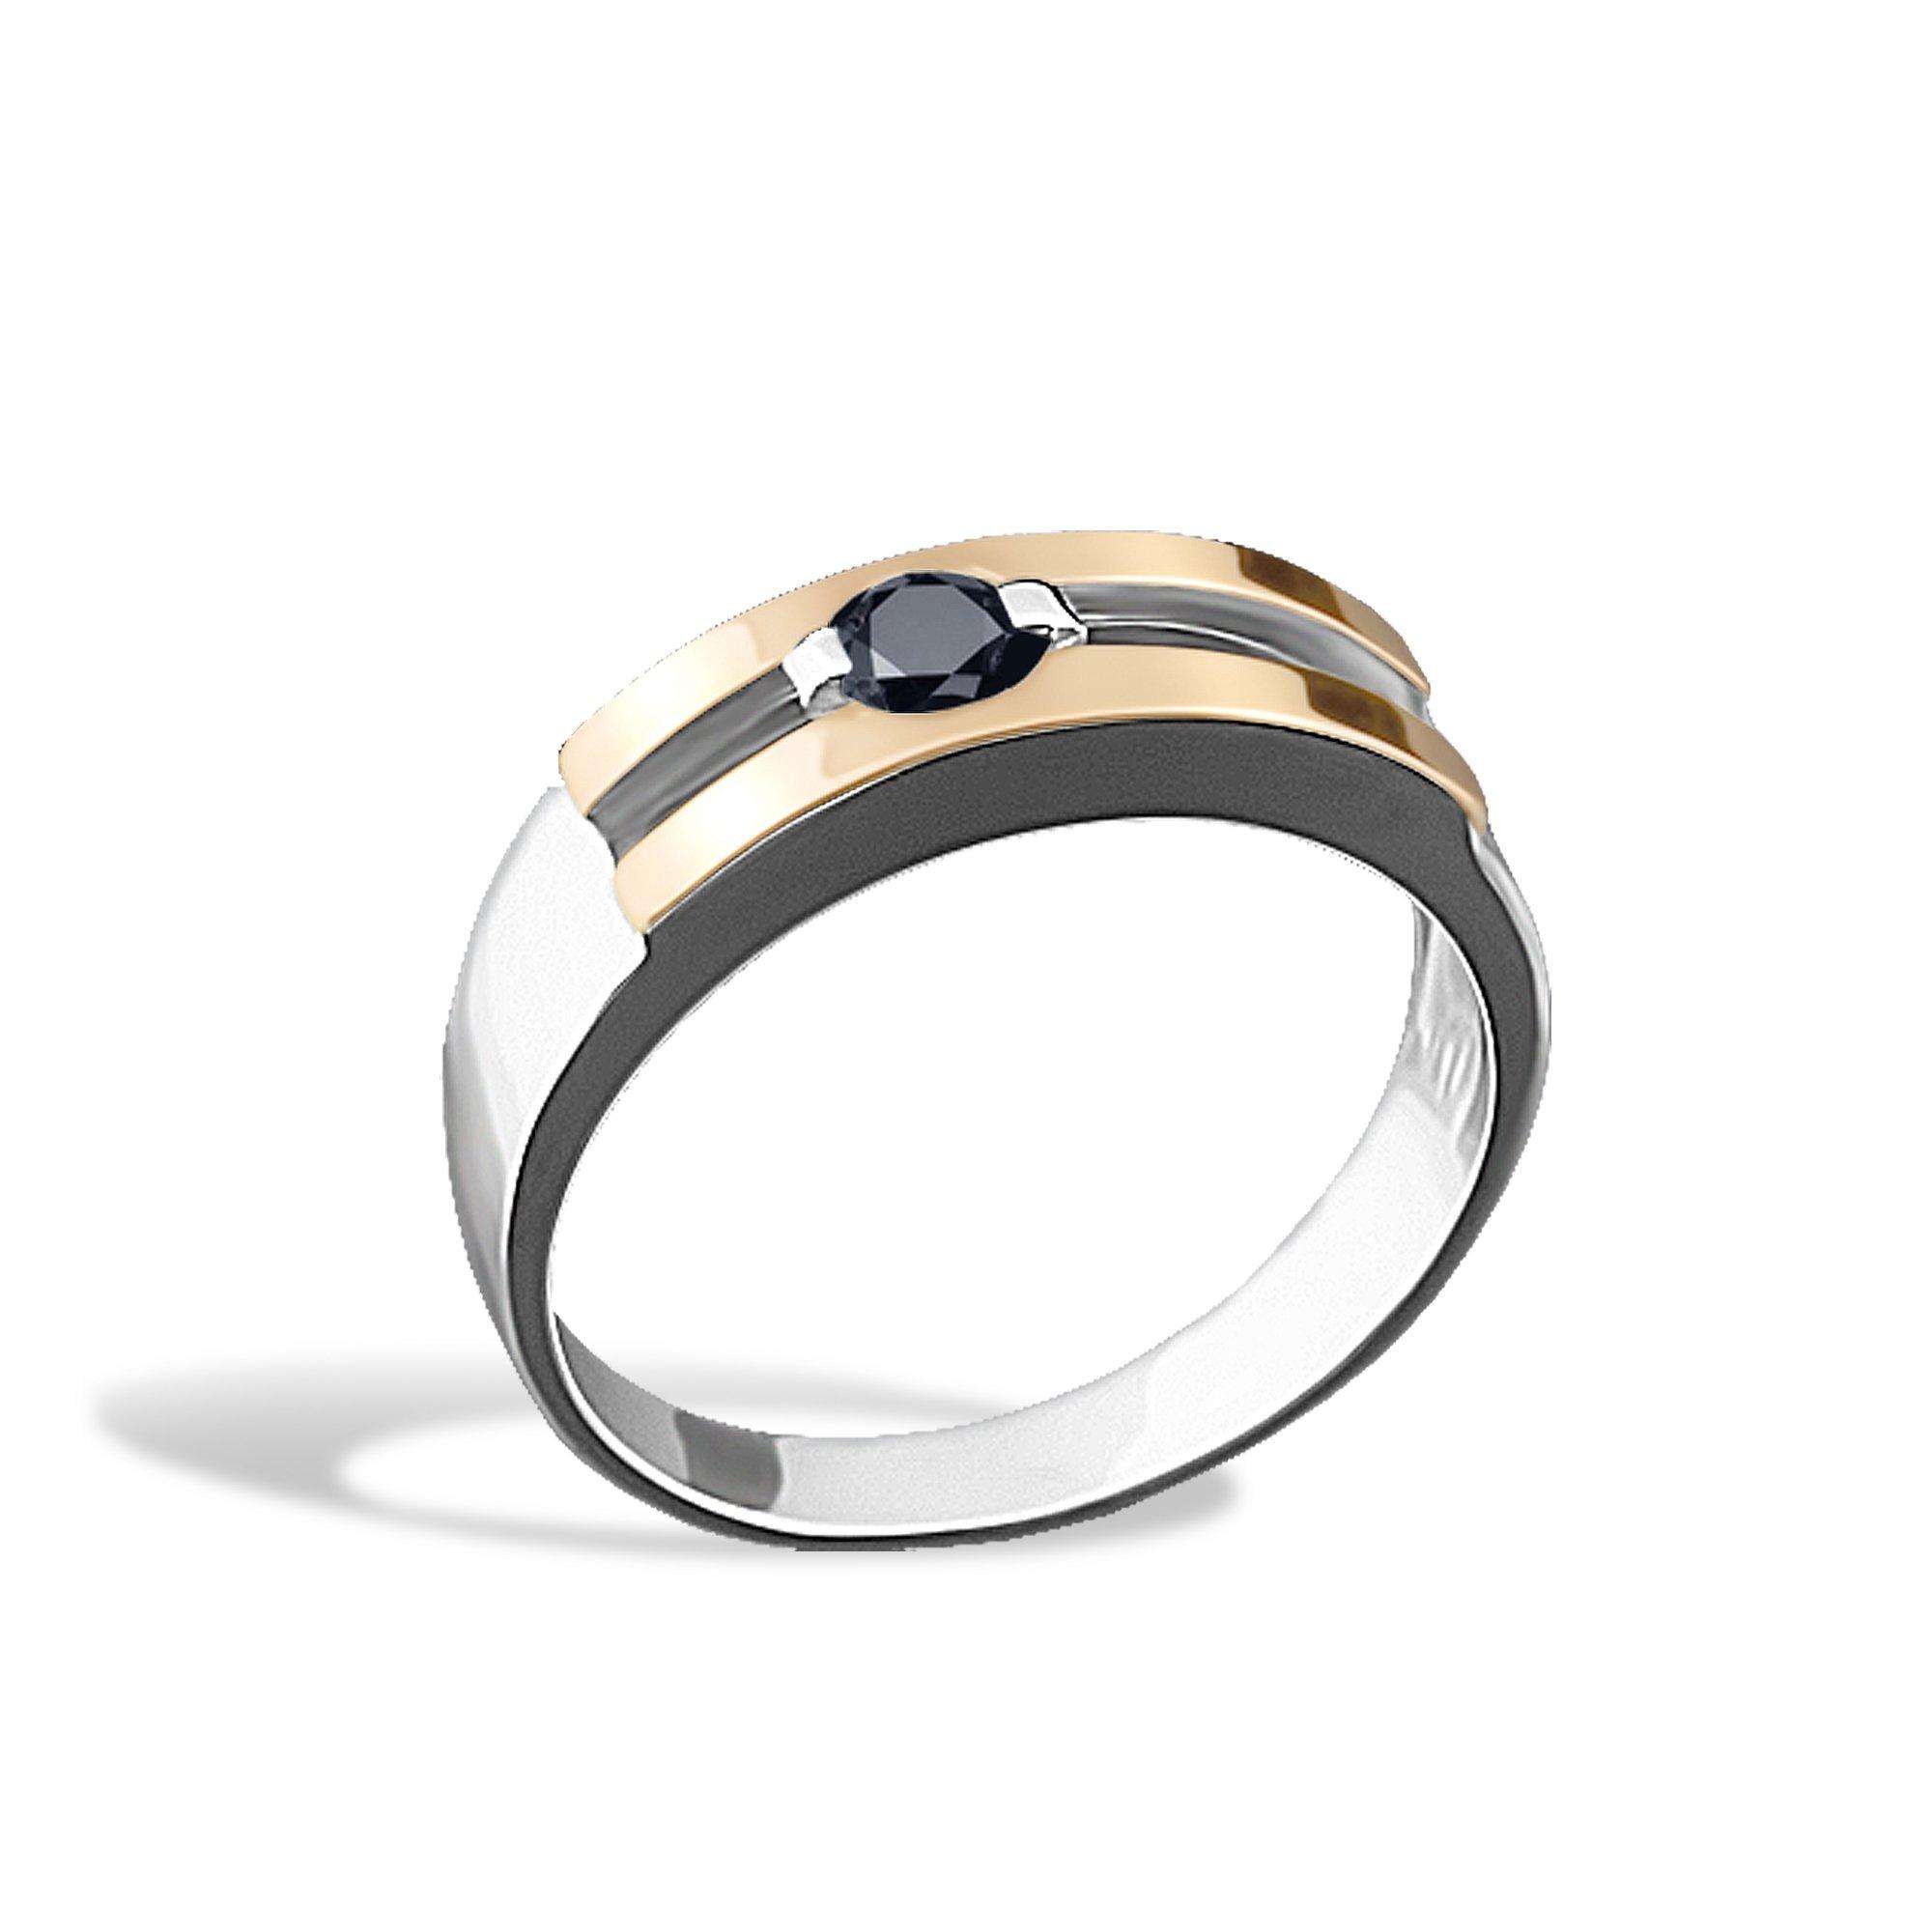 Серебряное кольцо Ленардина с золотой накладкой и черным фианитом